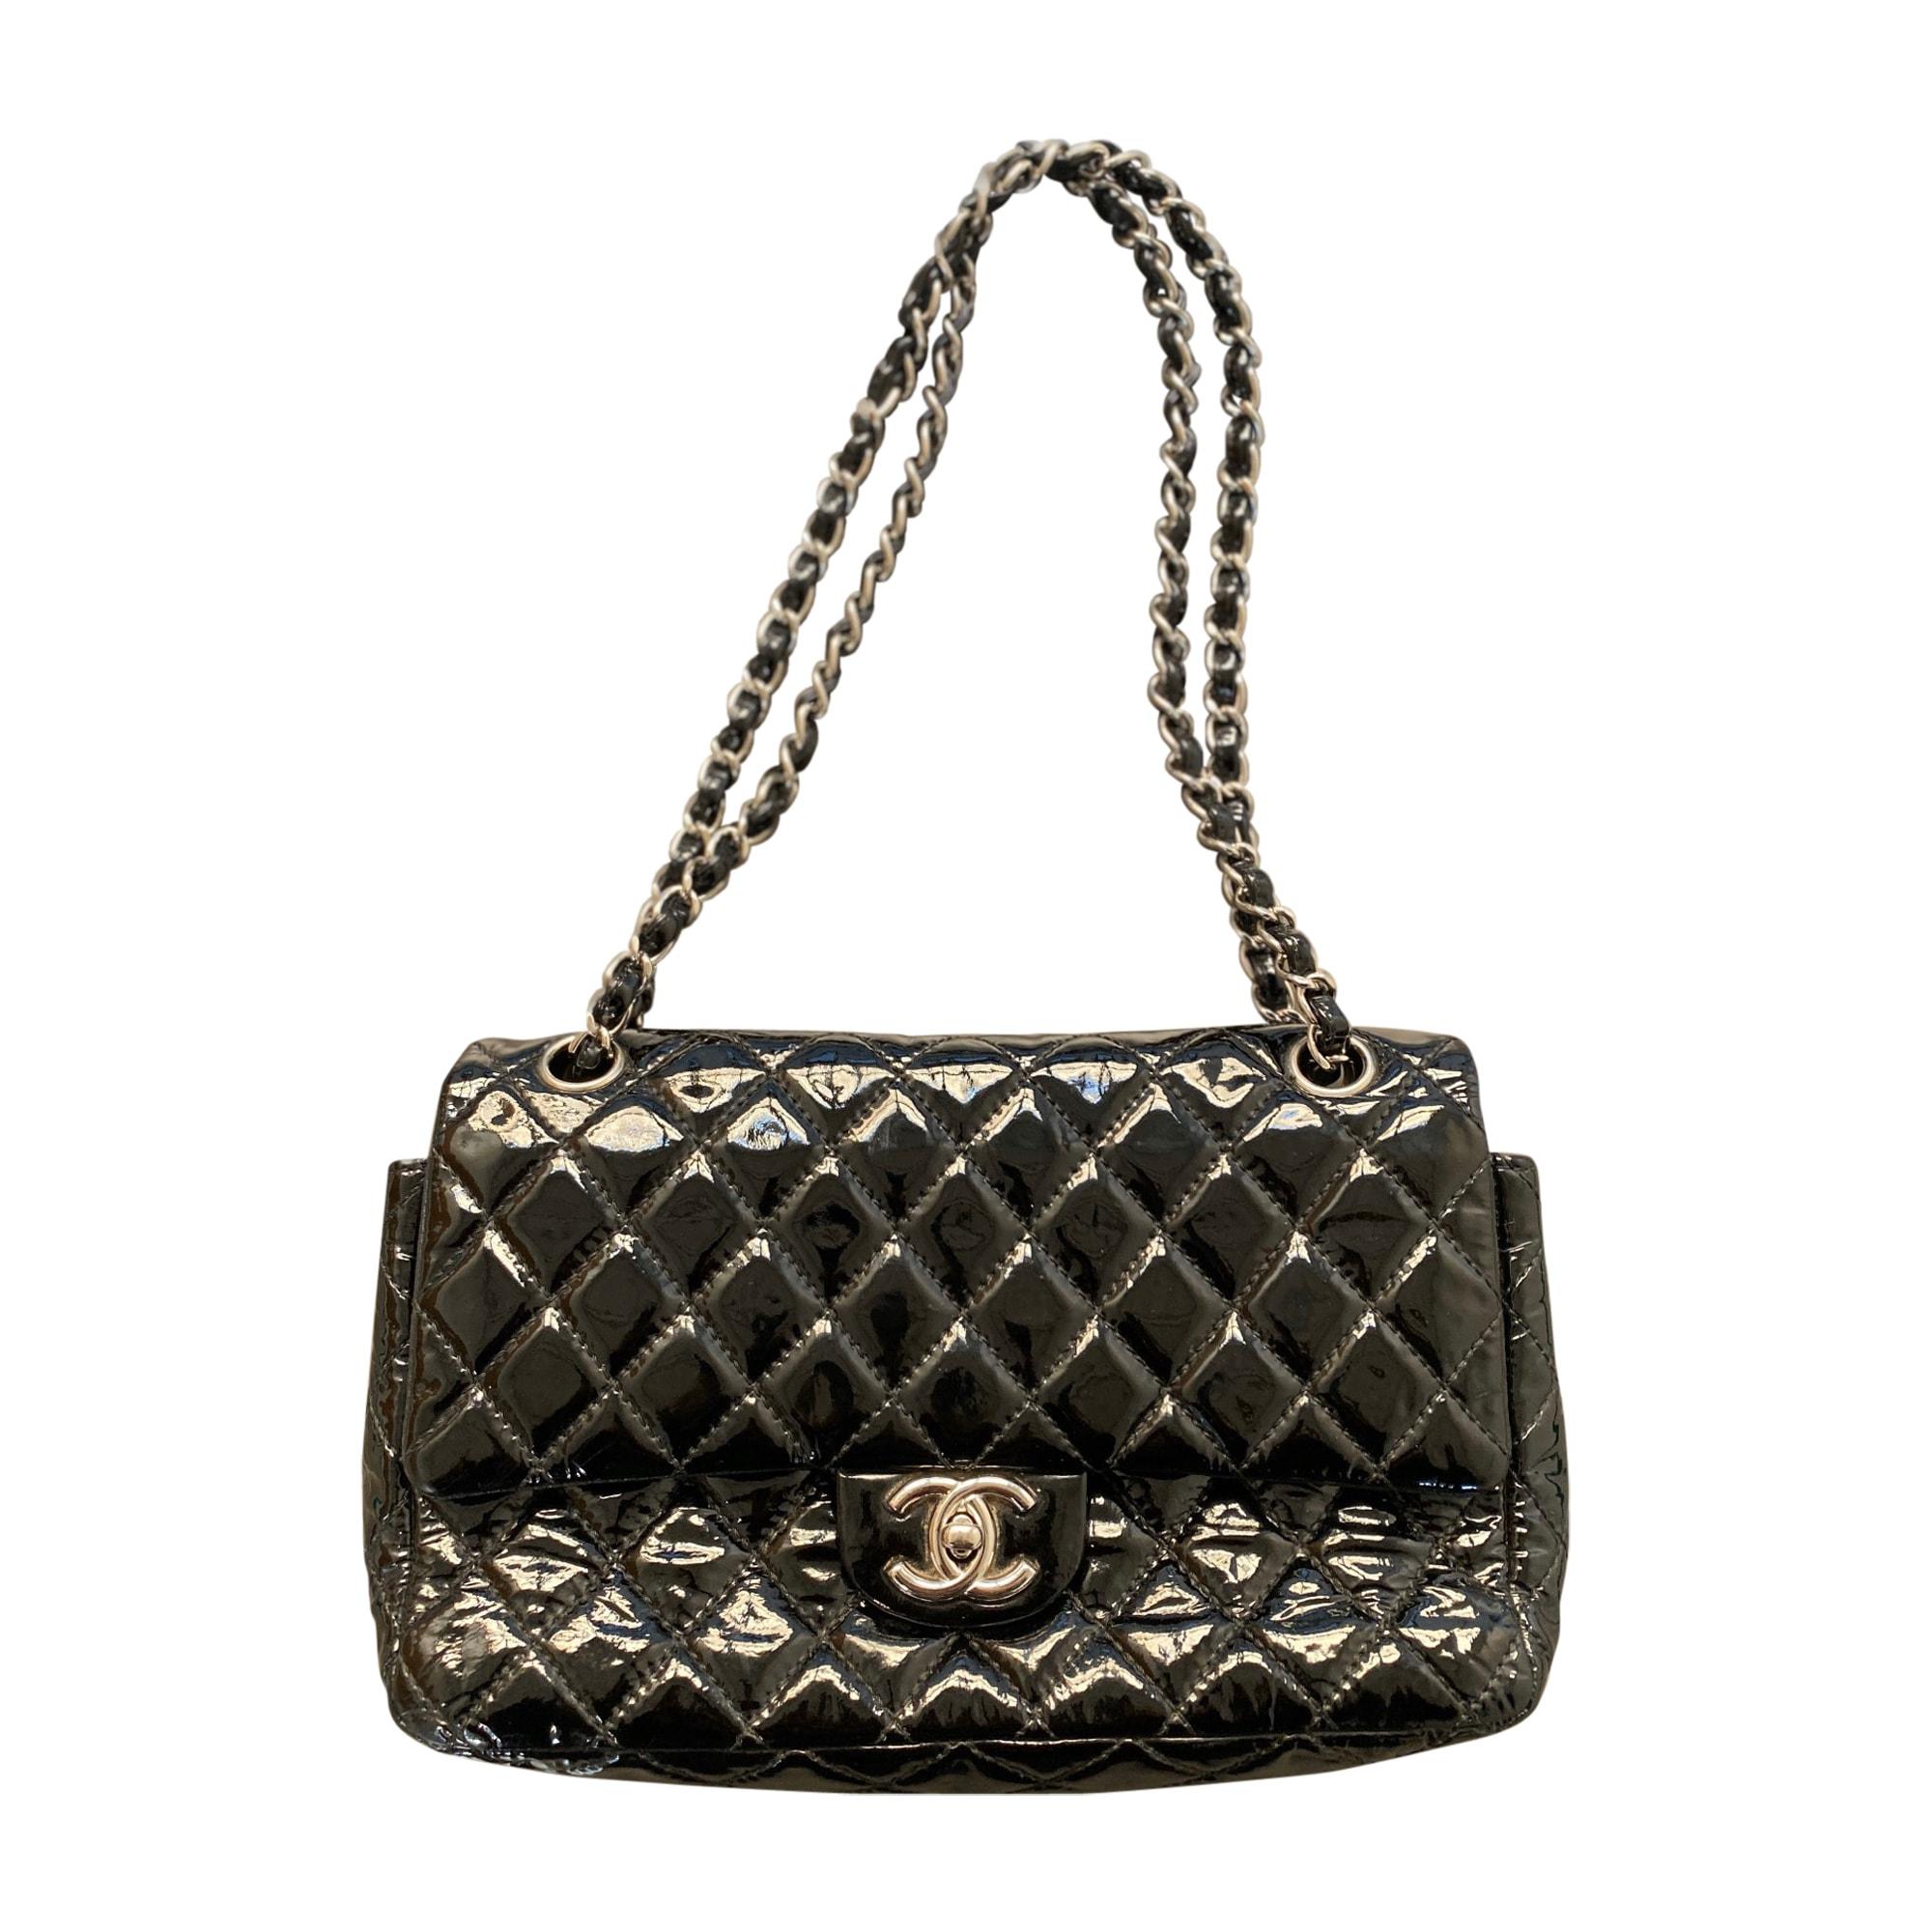 Leather Shoulder Bag CHANEL Timeless - Classique Black